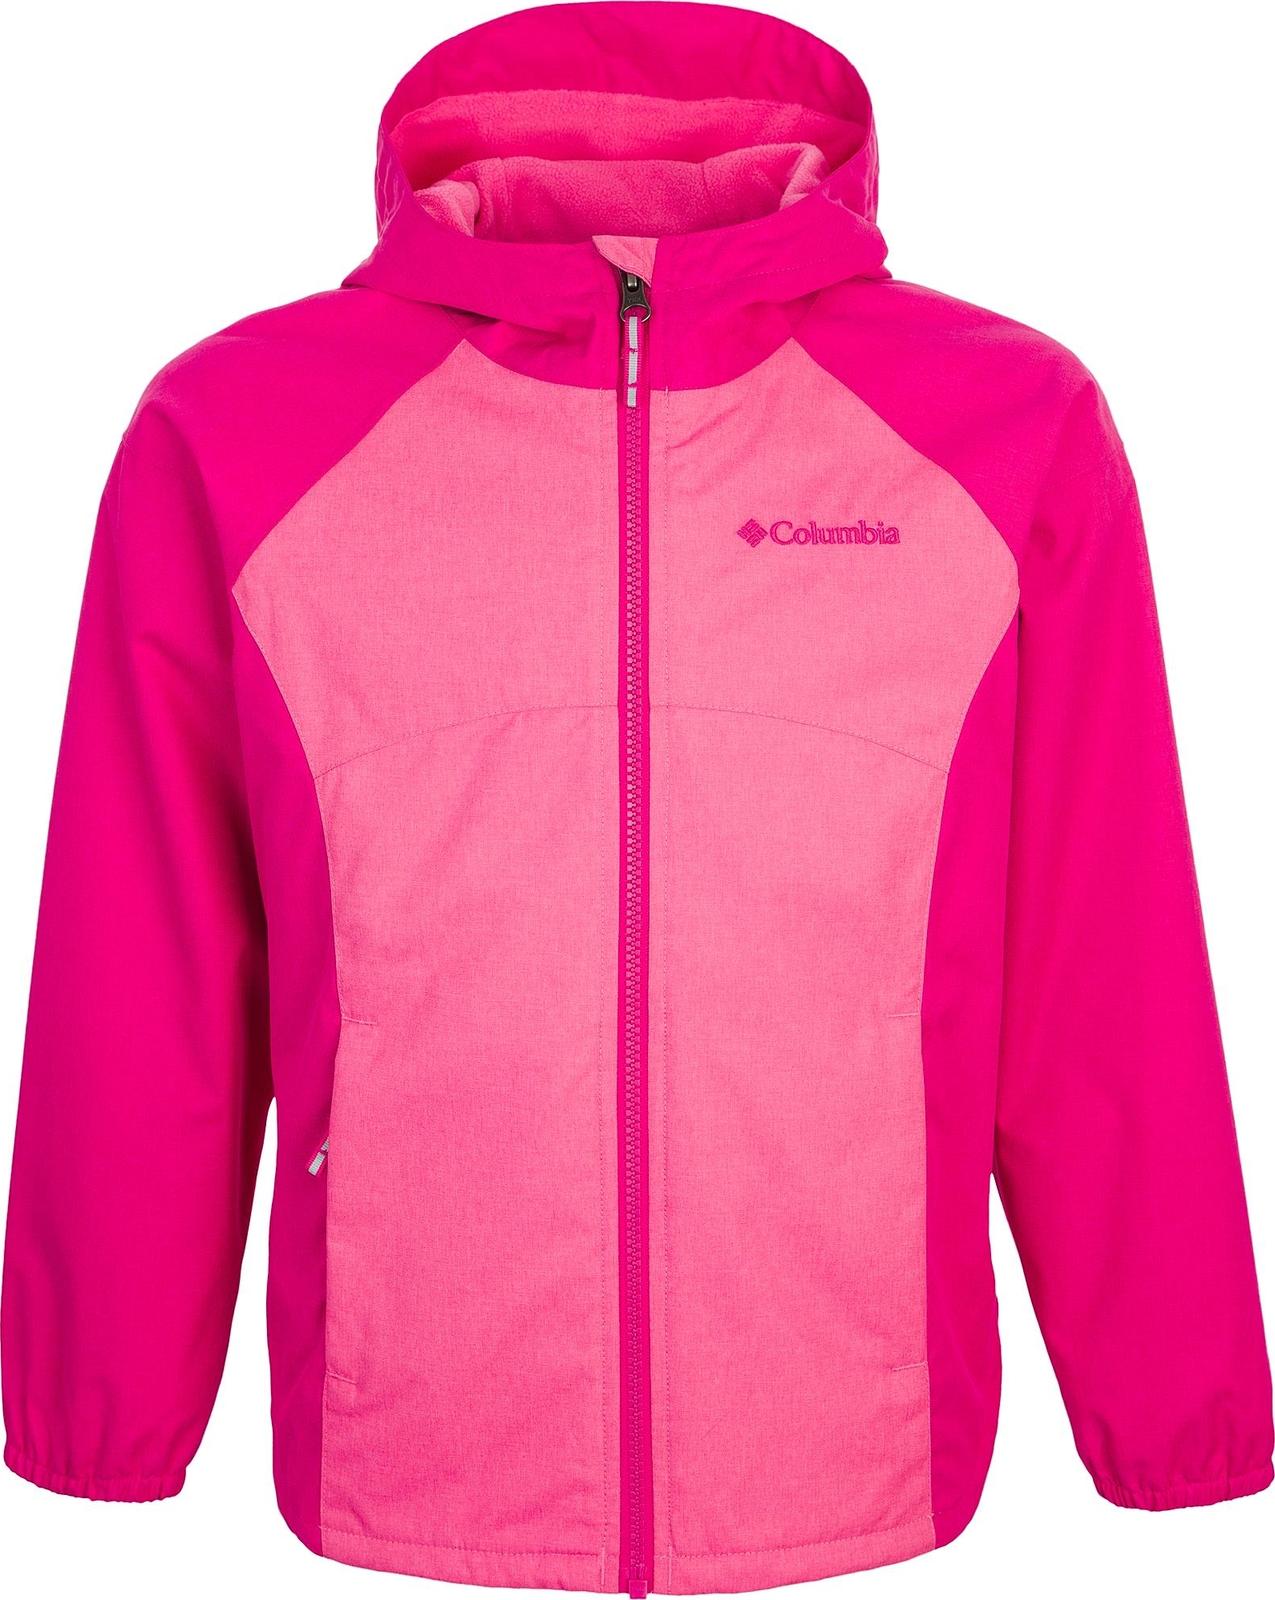 Куртка Columbia Endless Explorer Jacket рюкзак спортивный columbia essential explorer 25l цвет черный 25 л